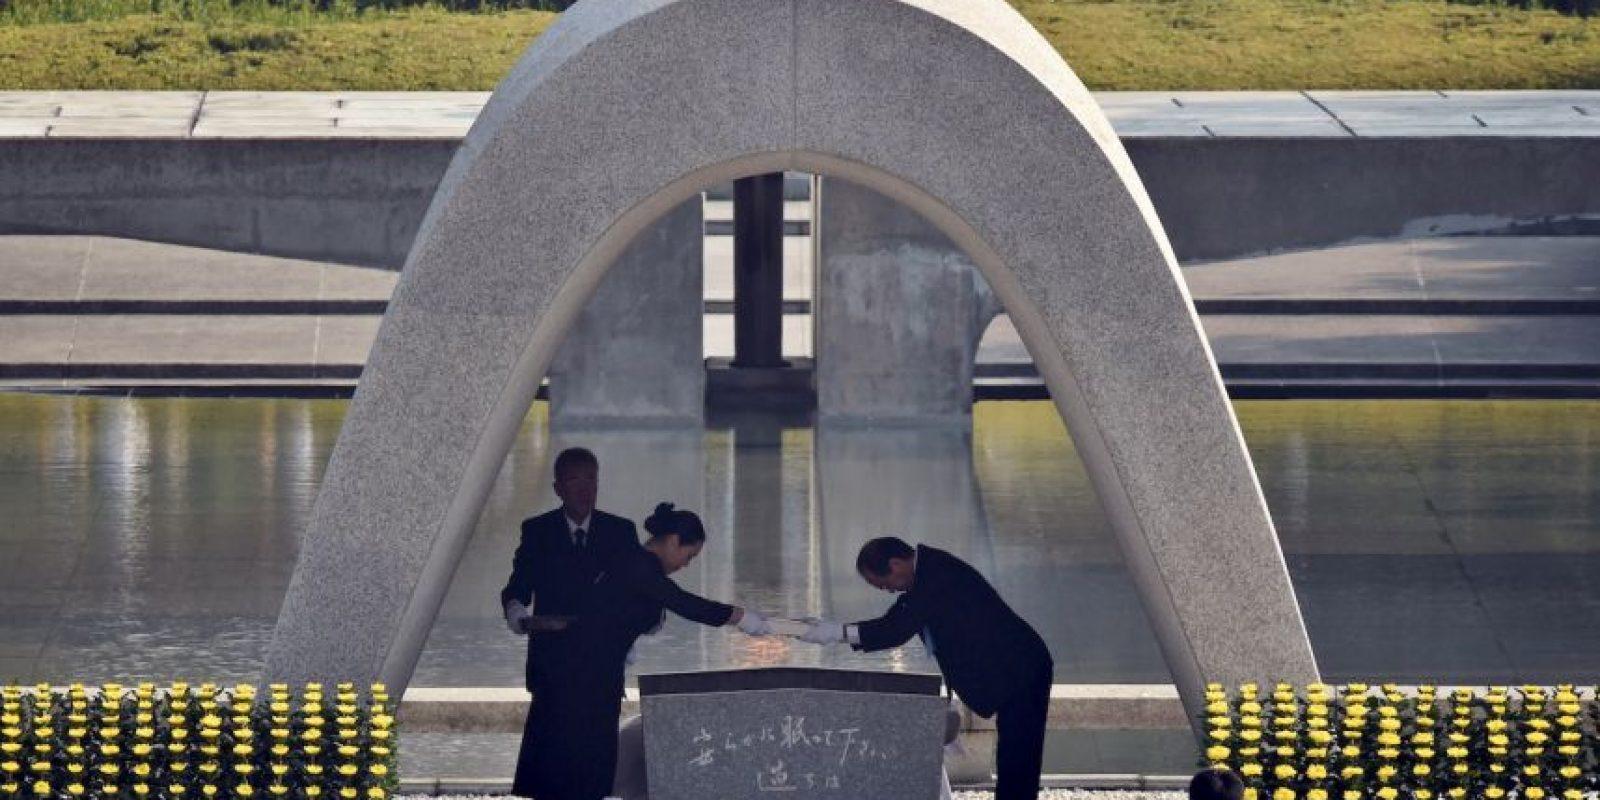 Cientos de personas de reunieron en el parque Monumento de la Paz y ahí guardaron silencio para conmemorar a los fallecidos. Foto:AFP